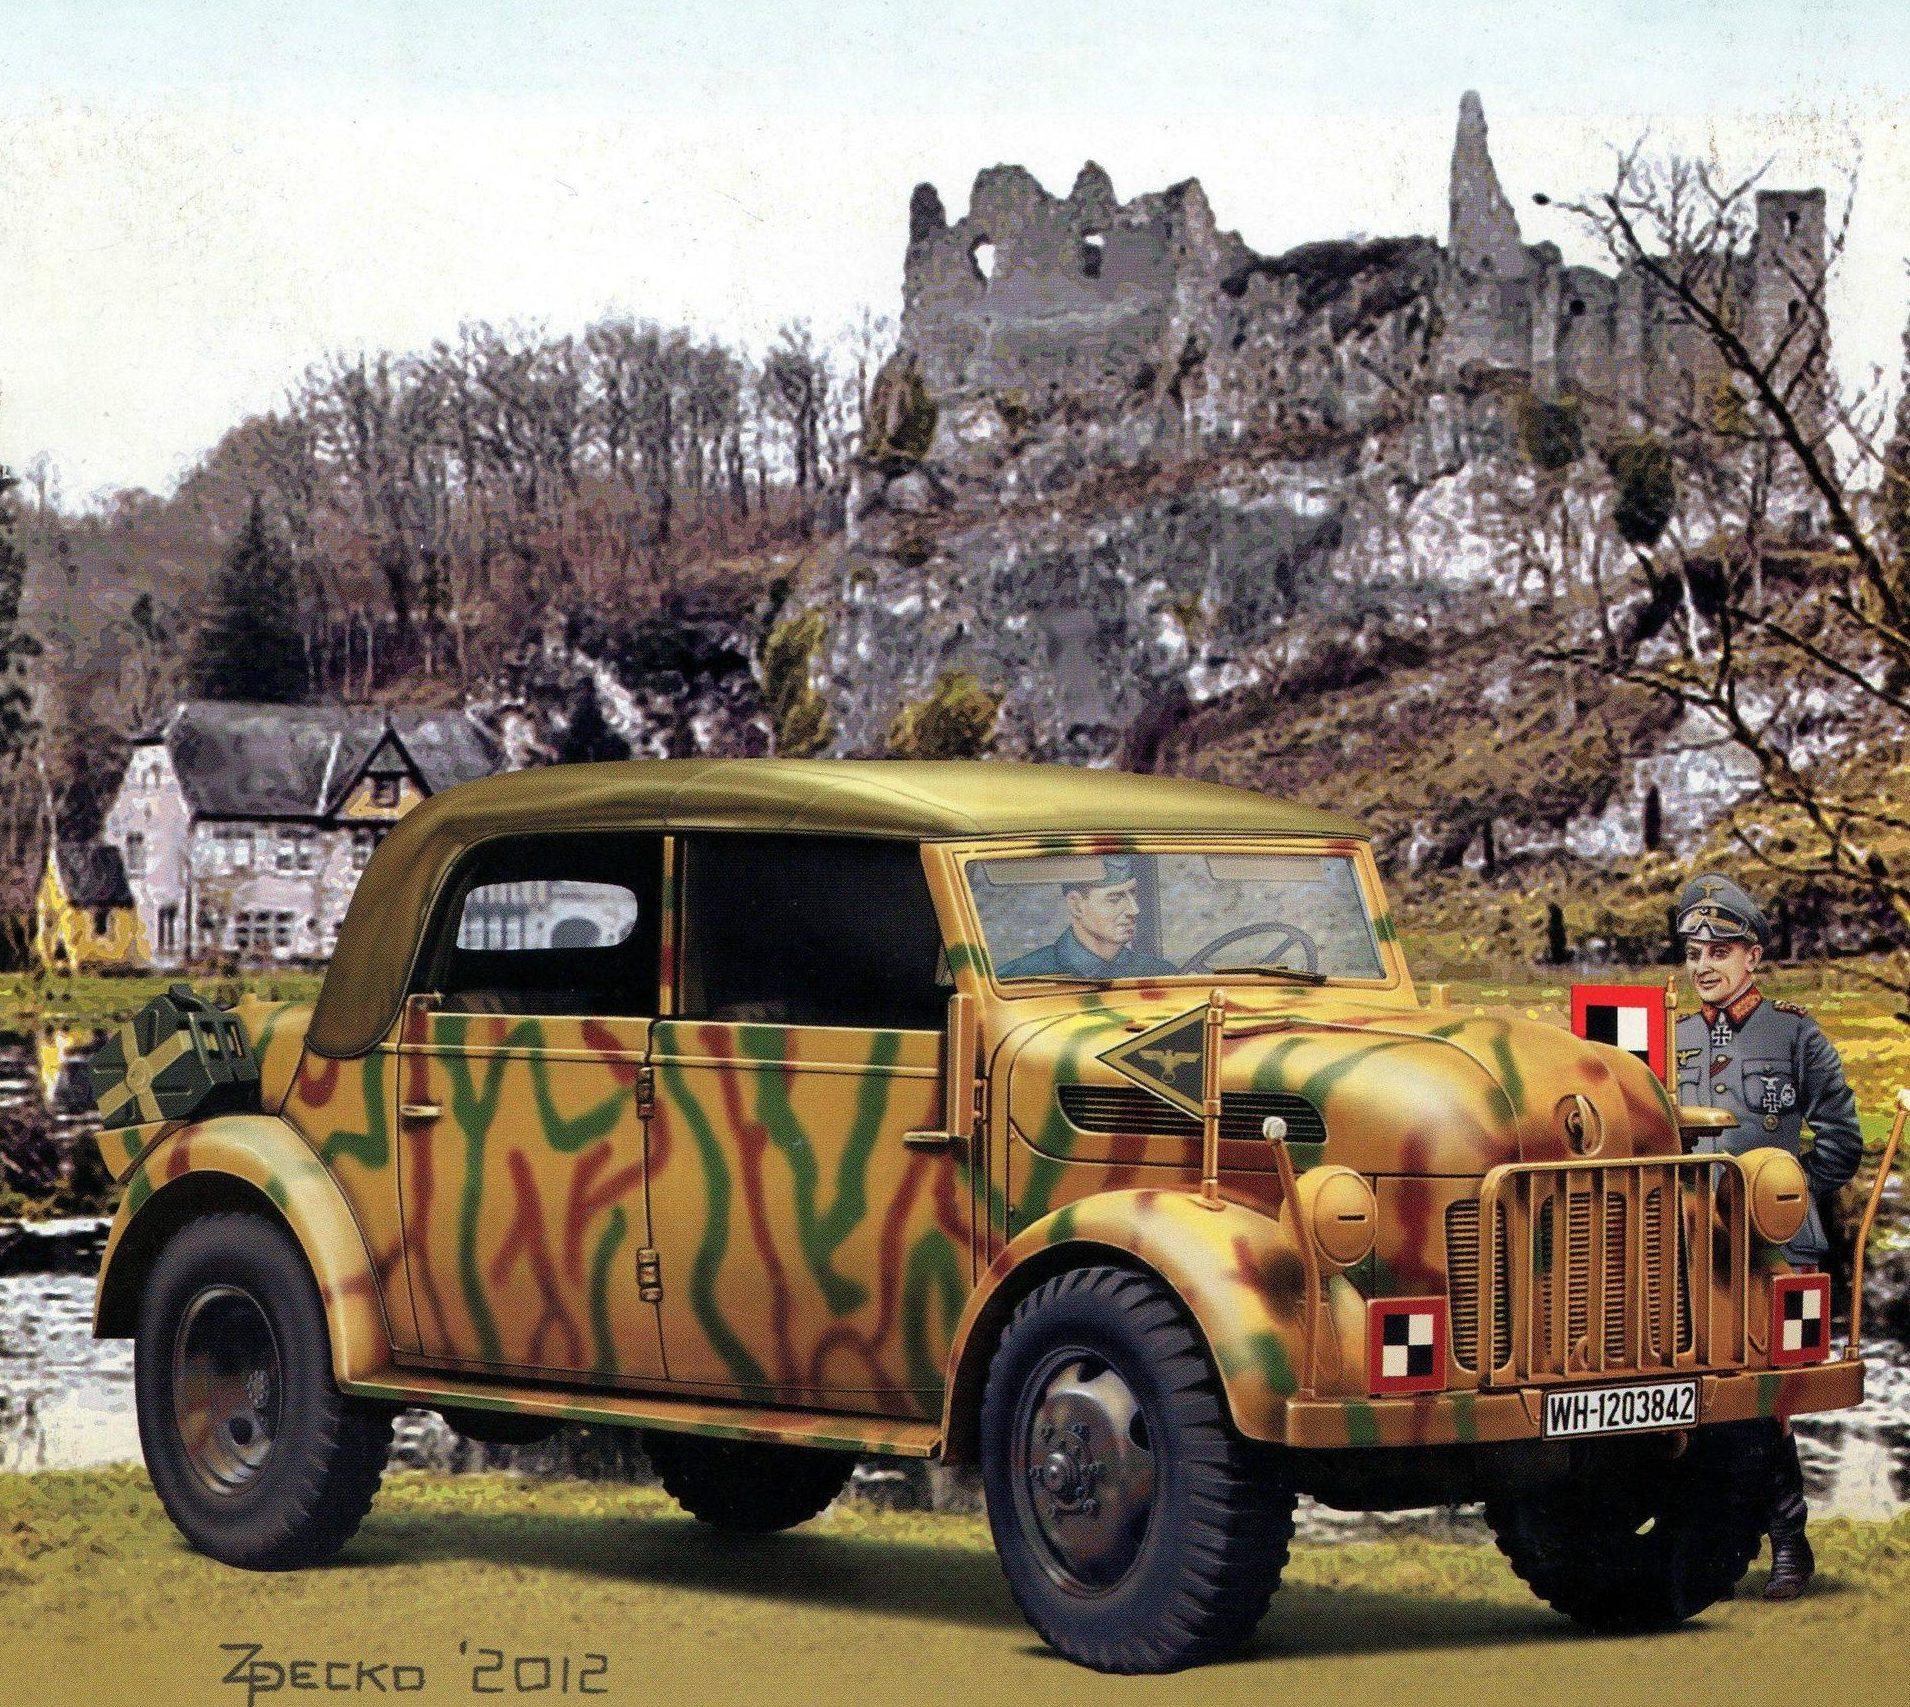 Pecko Zenon. Внедорожник Steyr 1500A.